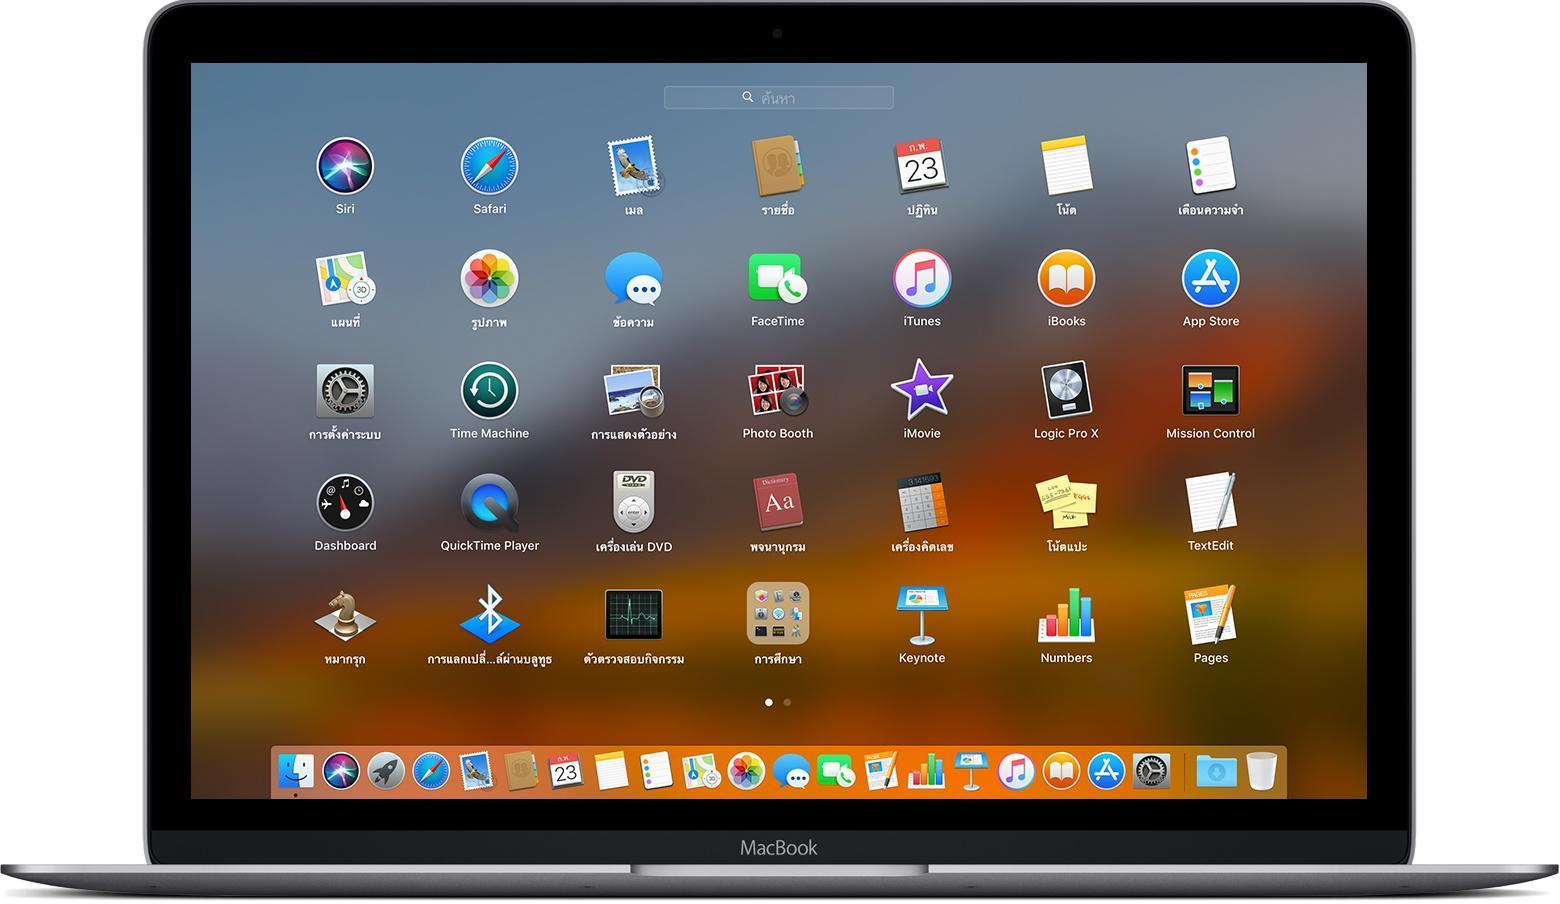 ใช้ Launchpad บน Mac - Apple การสนับสนุน